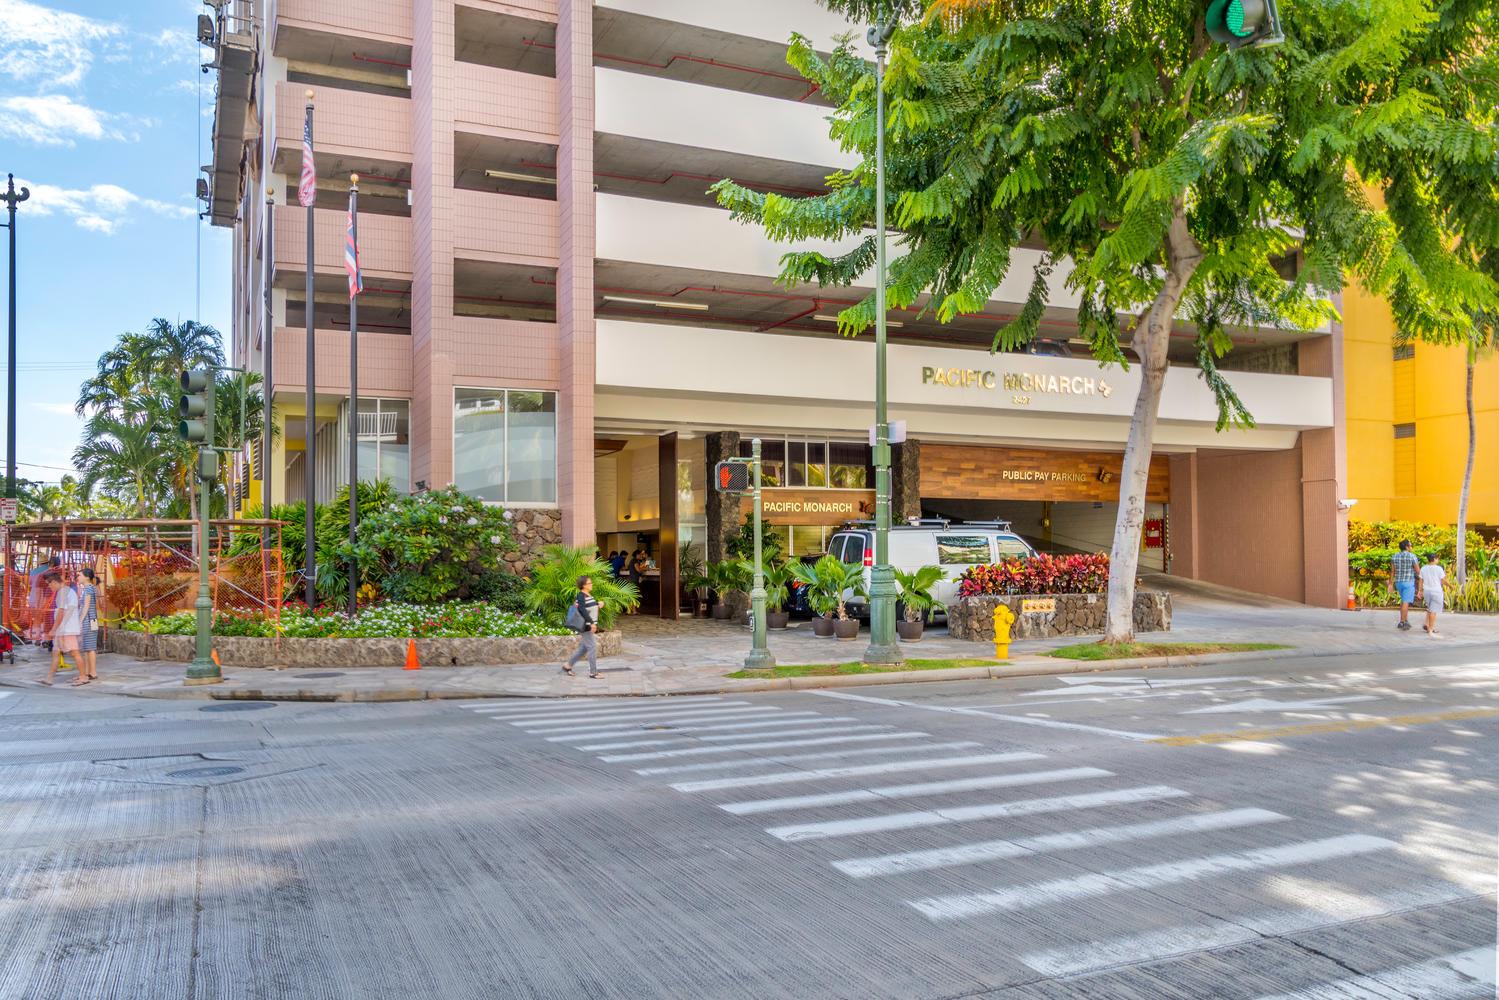 2427 Khi Ave Unit 3103-large-002-6-Kuhio Ave Honolulu HI  96815 -1500x1000-72dpi.jpg